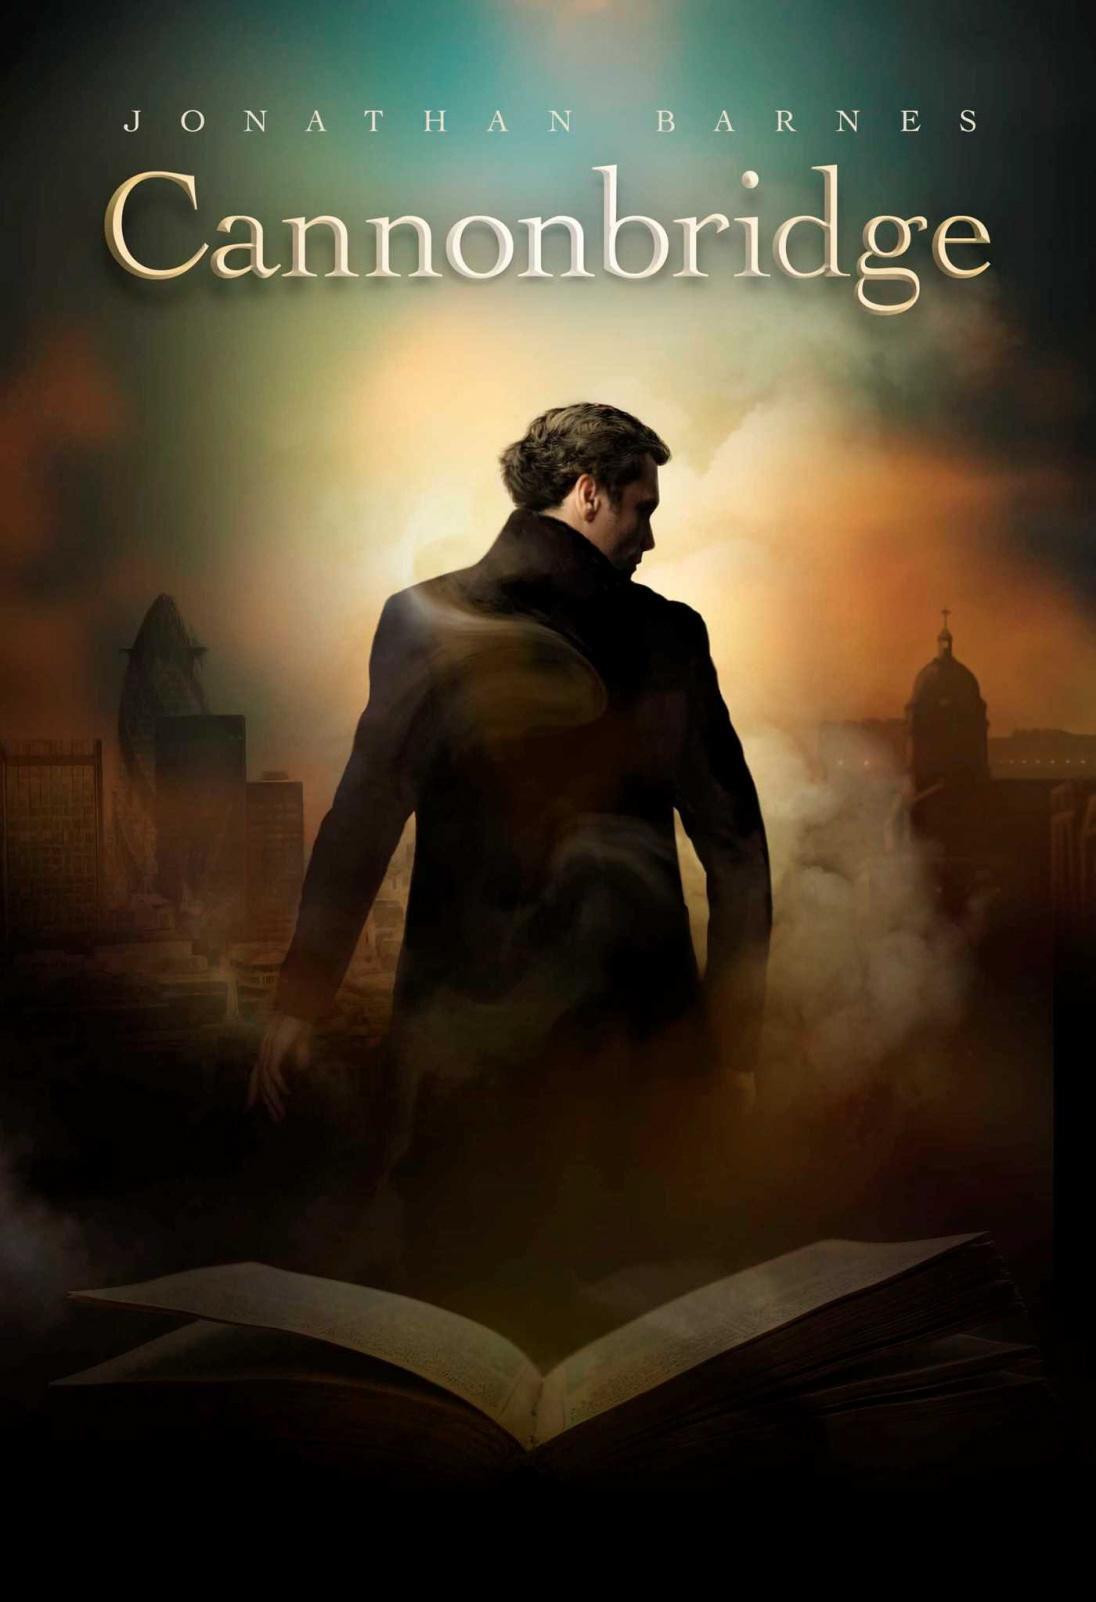 Cannonbridge-small